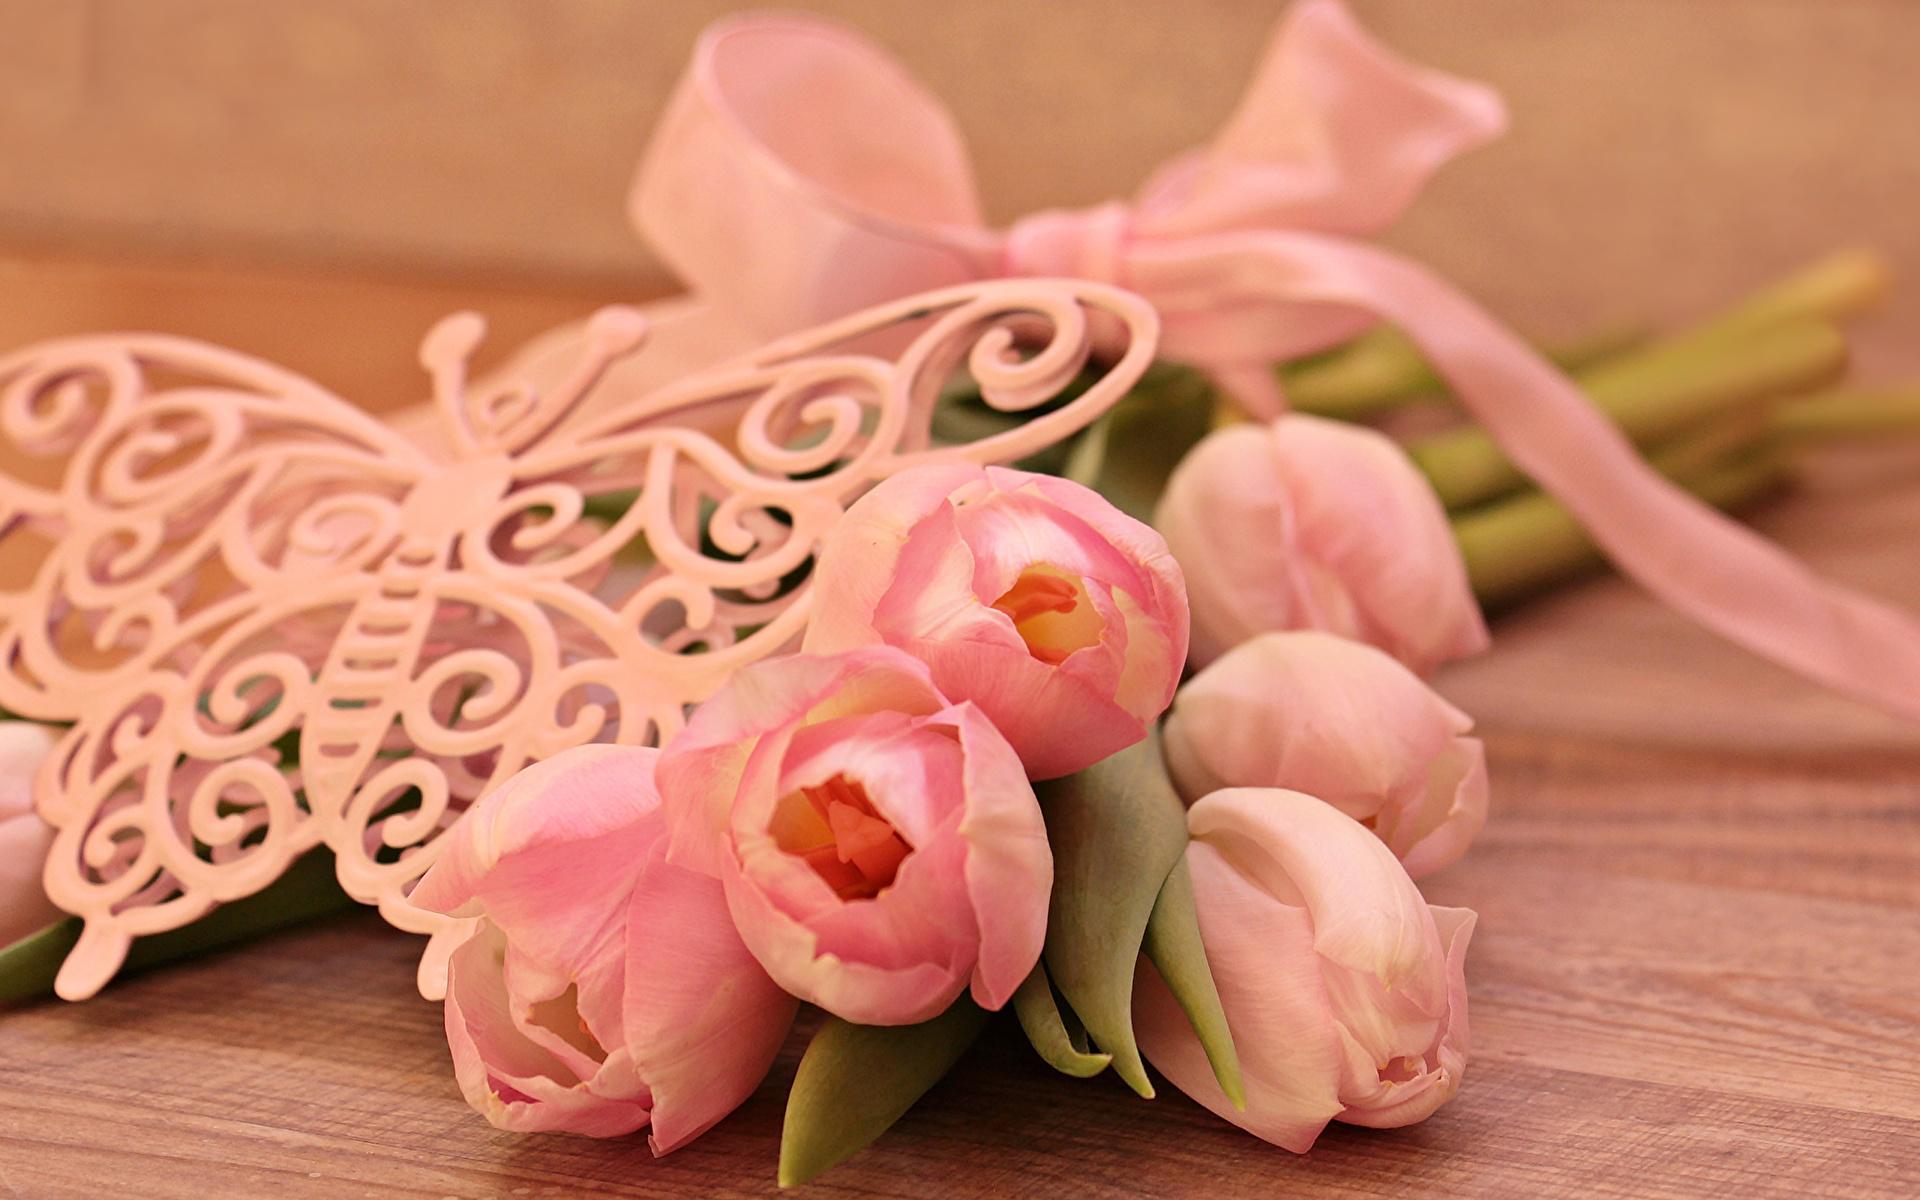 Фотография бабочка розовая Тюльпаны цветок Доски 1920x1200 Бабочки тюльпан Розовый розовые розовых Цветы